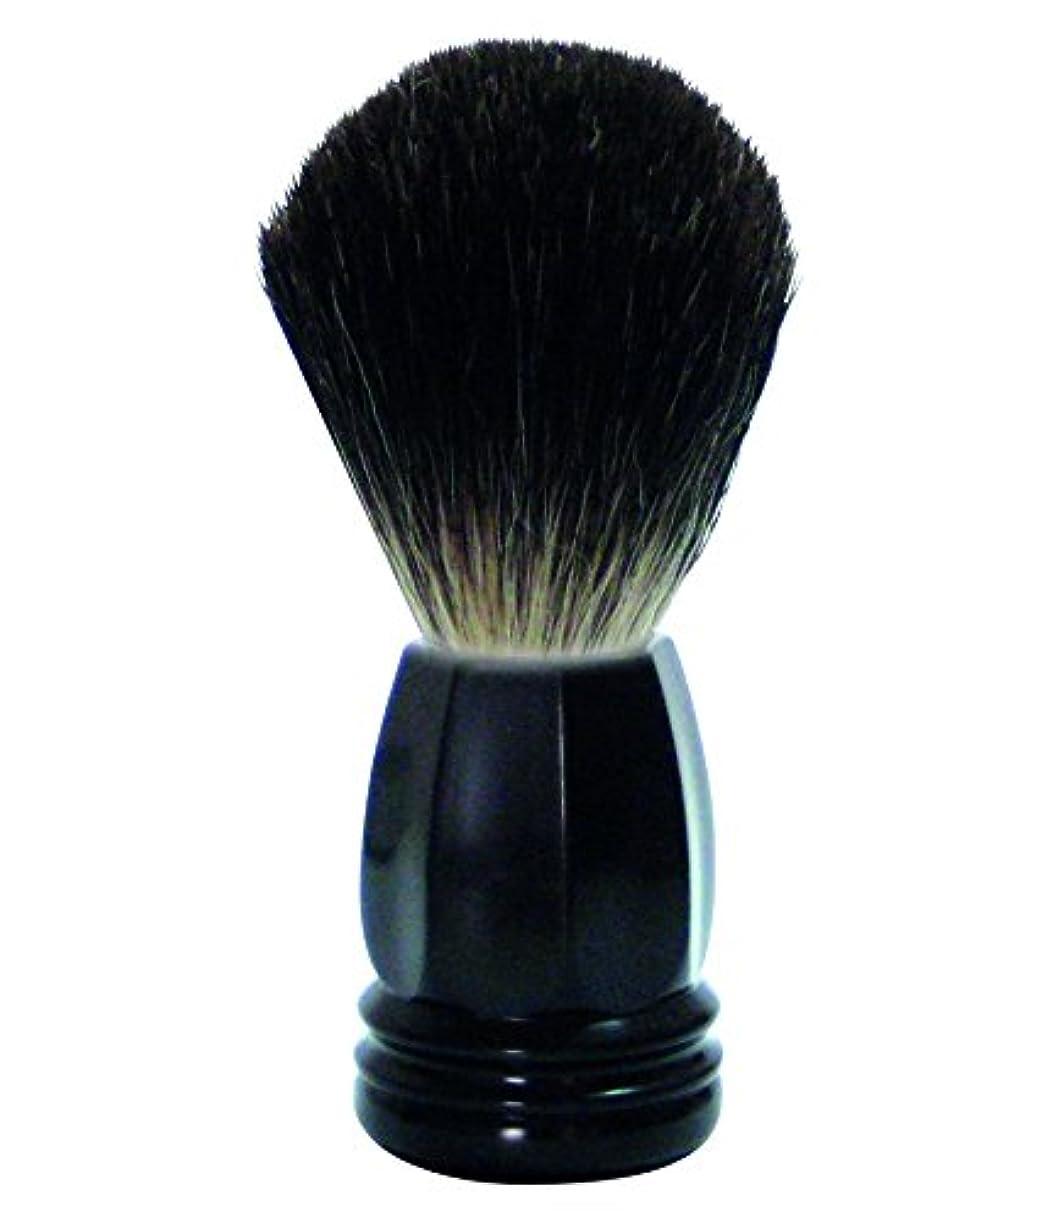 繊維競争力のある荒涼としたGOLDDACHS Shaving Brush, 100% Badger hair, black polymer handle